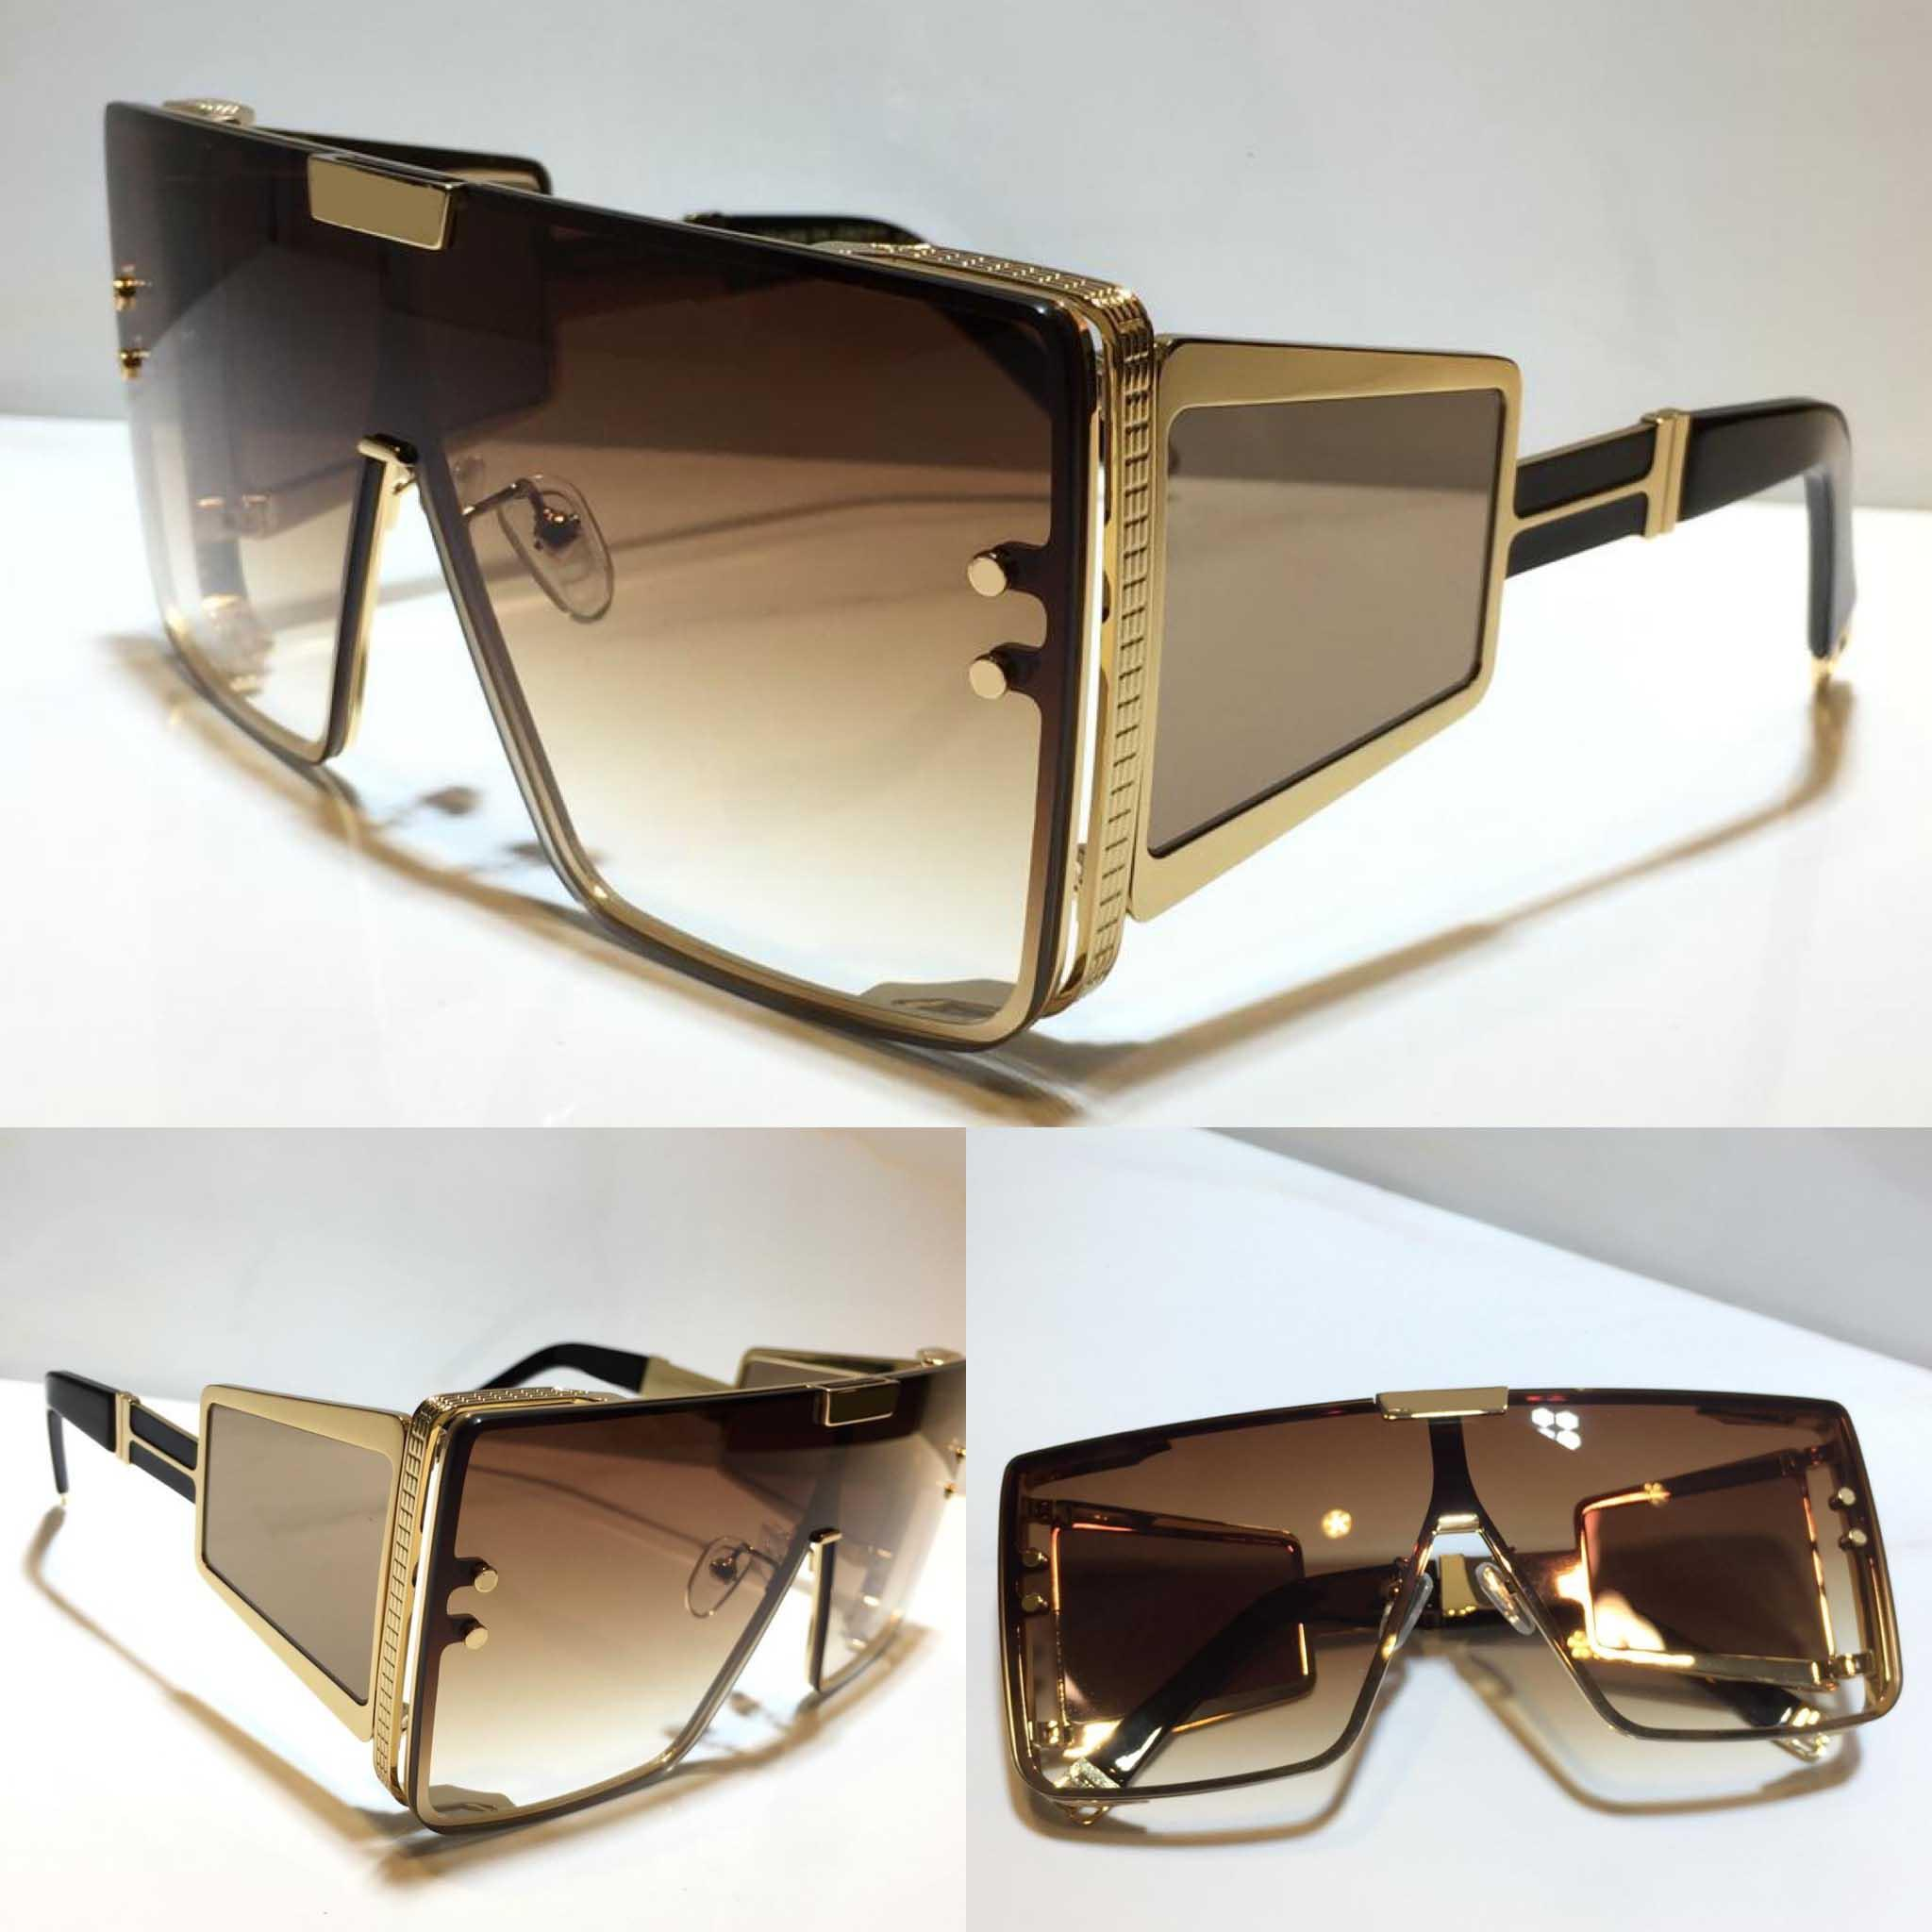 102 nuevas gafas de sol de moda con protección UV para hombres y mujeres Marco cuadrado vintage popular de alta calidad vienen con estuche 102 gafas de sol